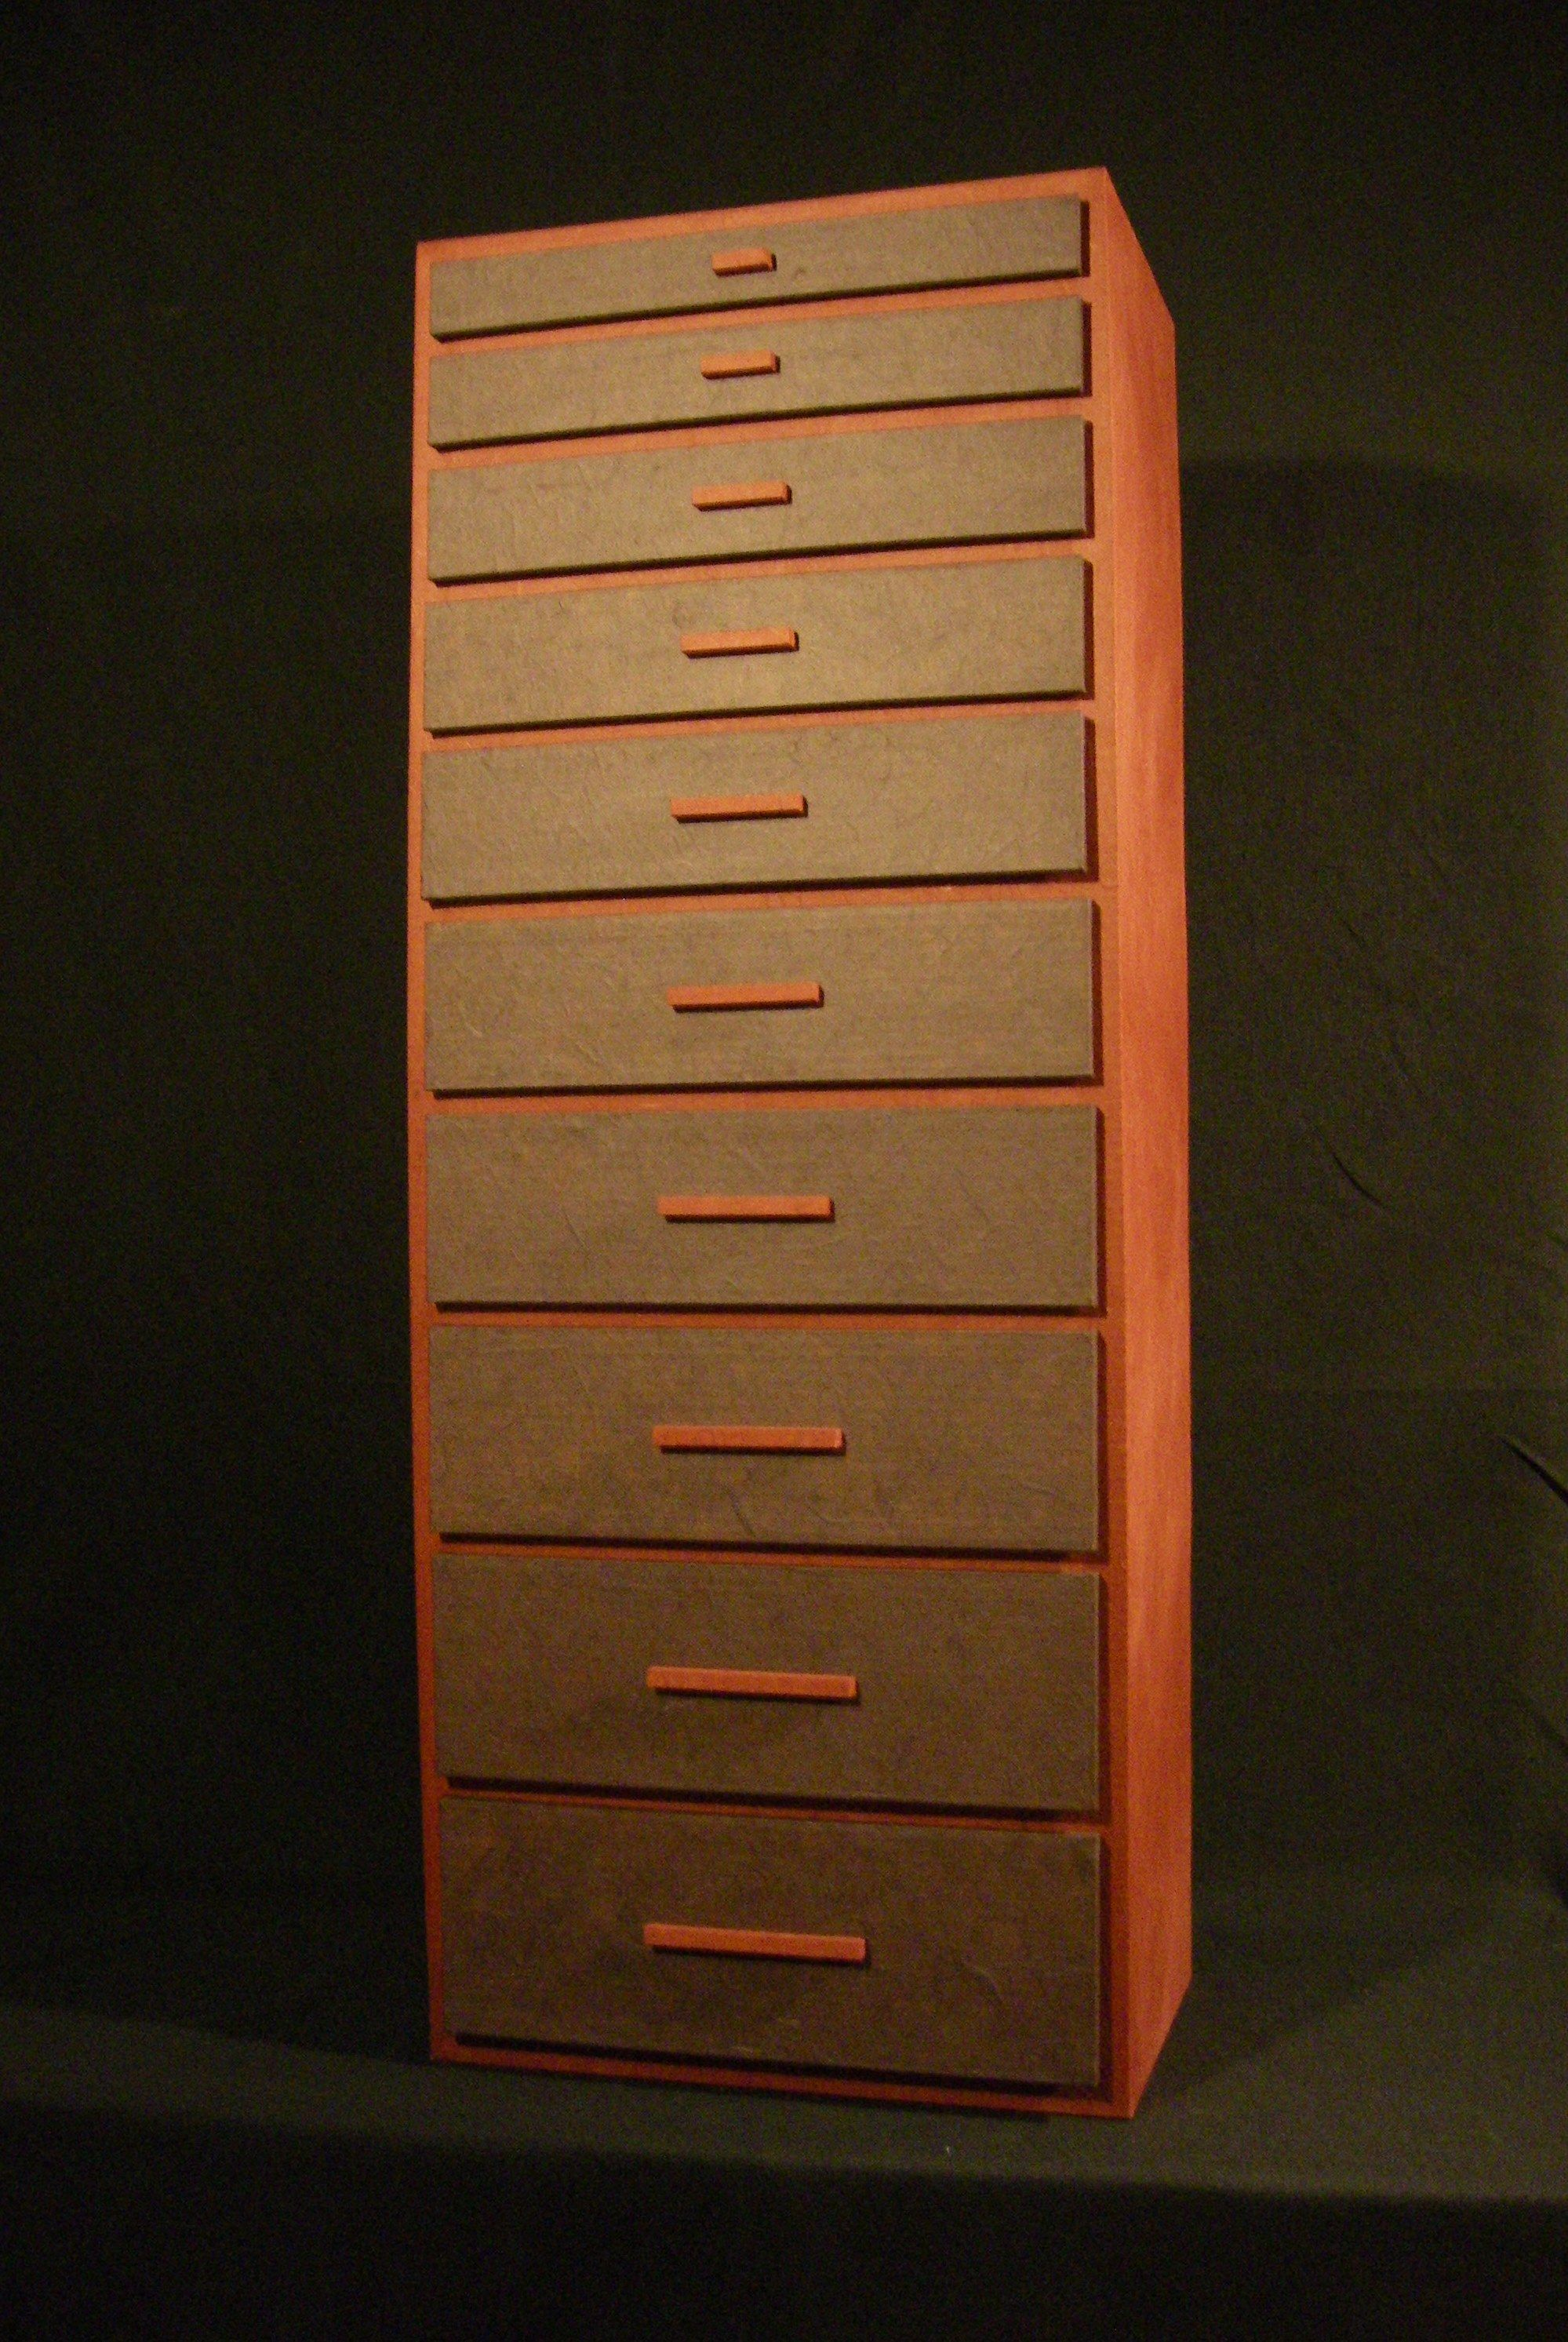 Rangement Bureau En Carton Www Mobilier Carton Sur Mesure Com Design En Carton Meubles En Carton Rangement Carton